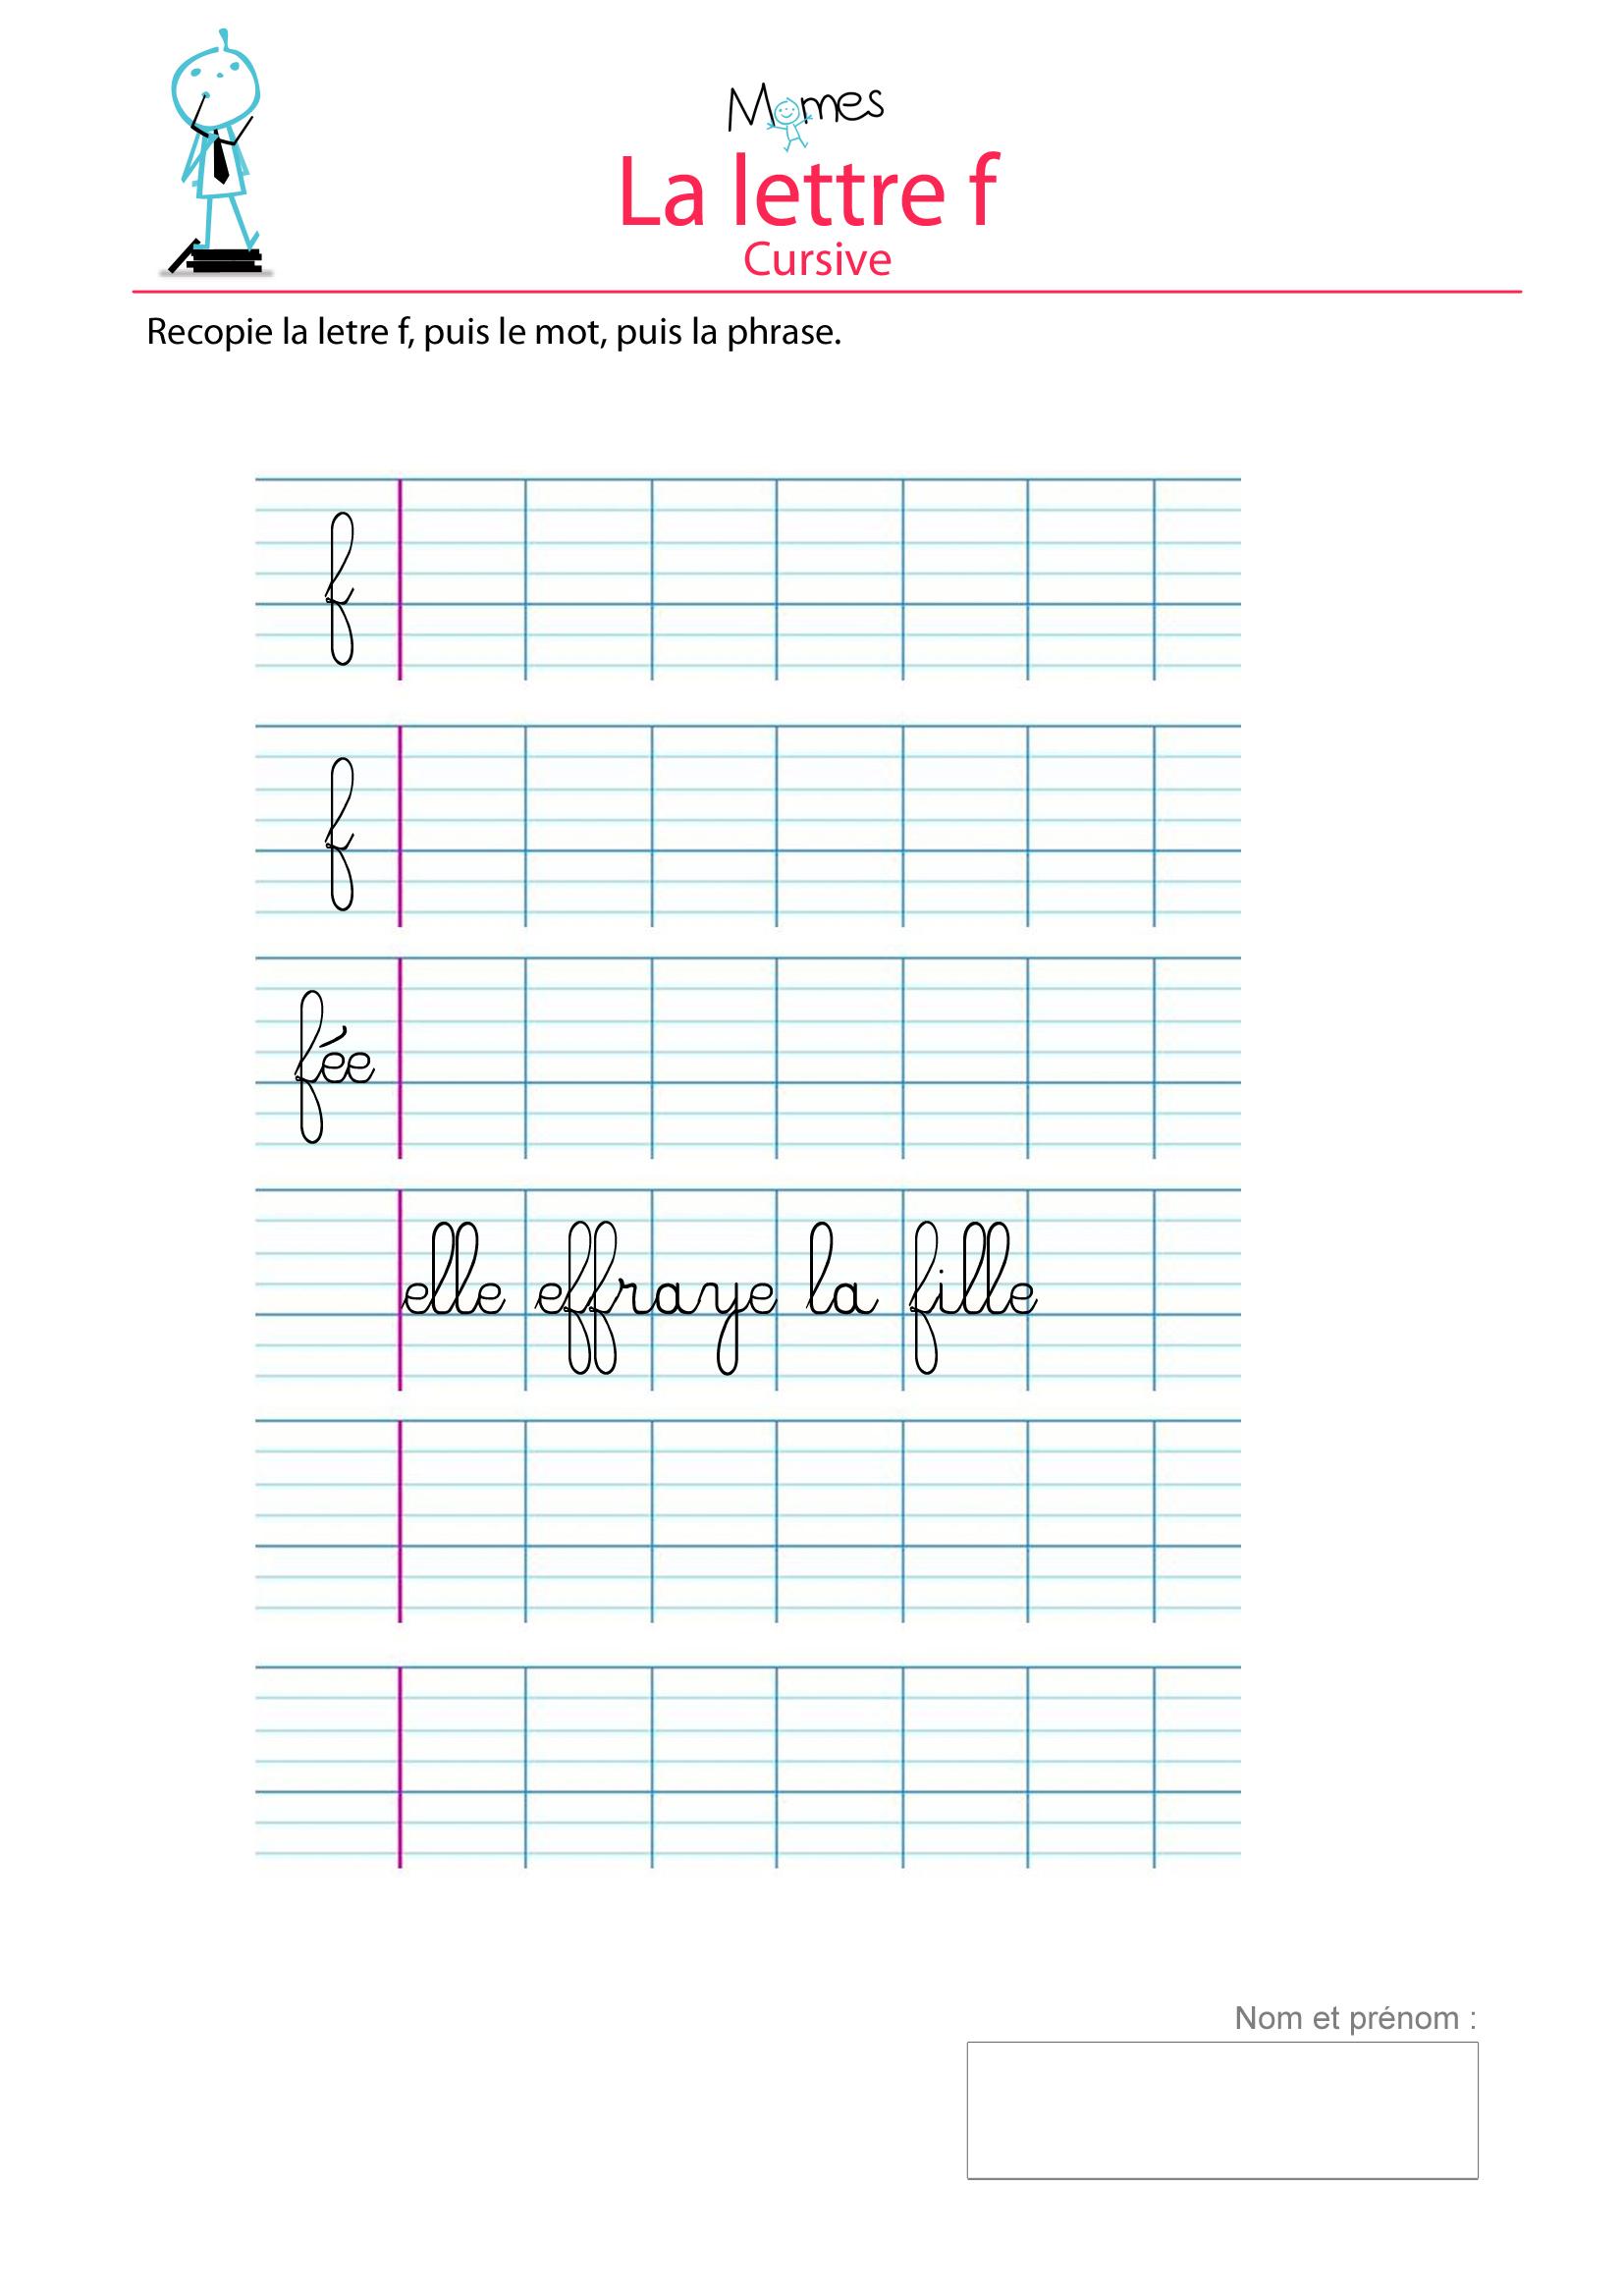 Apprendre À Écrire La Lettre F - Momes dedans Apprendre A Ecrire Les Lettres En Minuscule